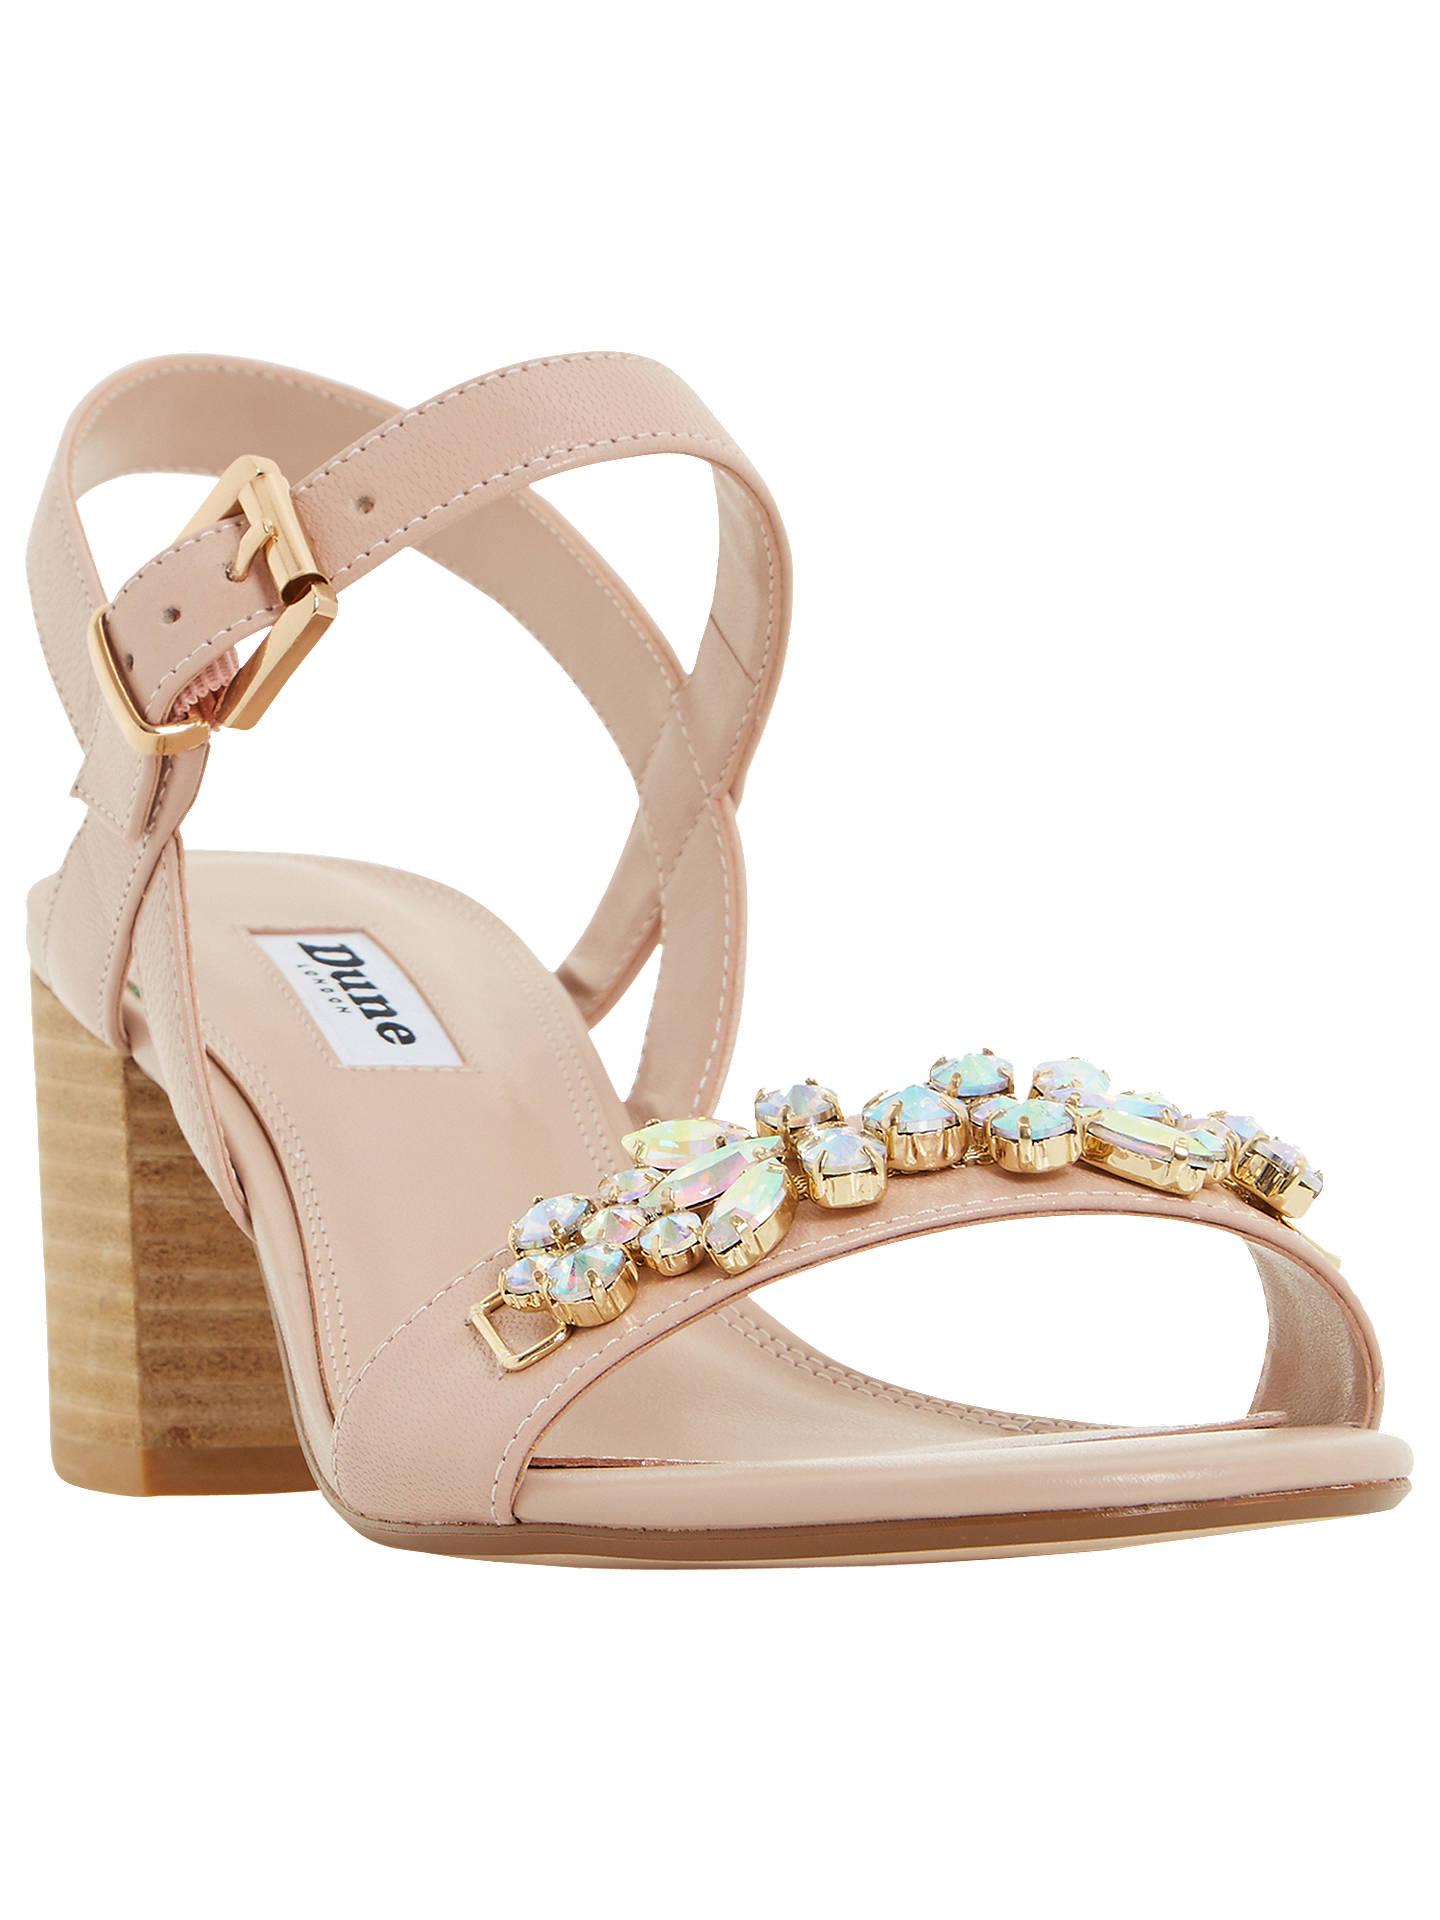 59e874d2c9 Buy Dune Joone Embellished Block Heeled Sandals, Blush, 3 Online at  johnlewis.com ...